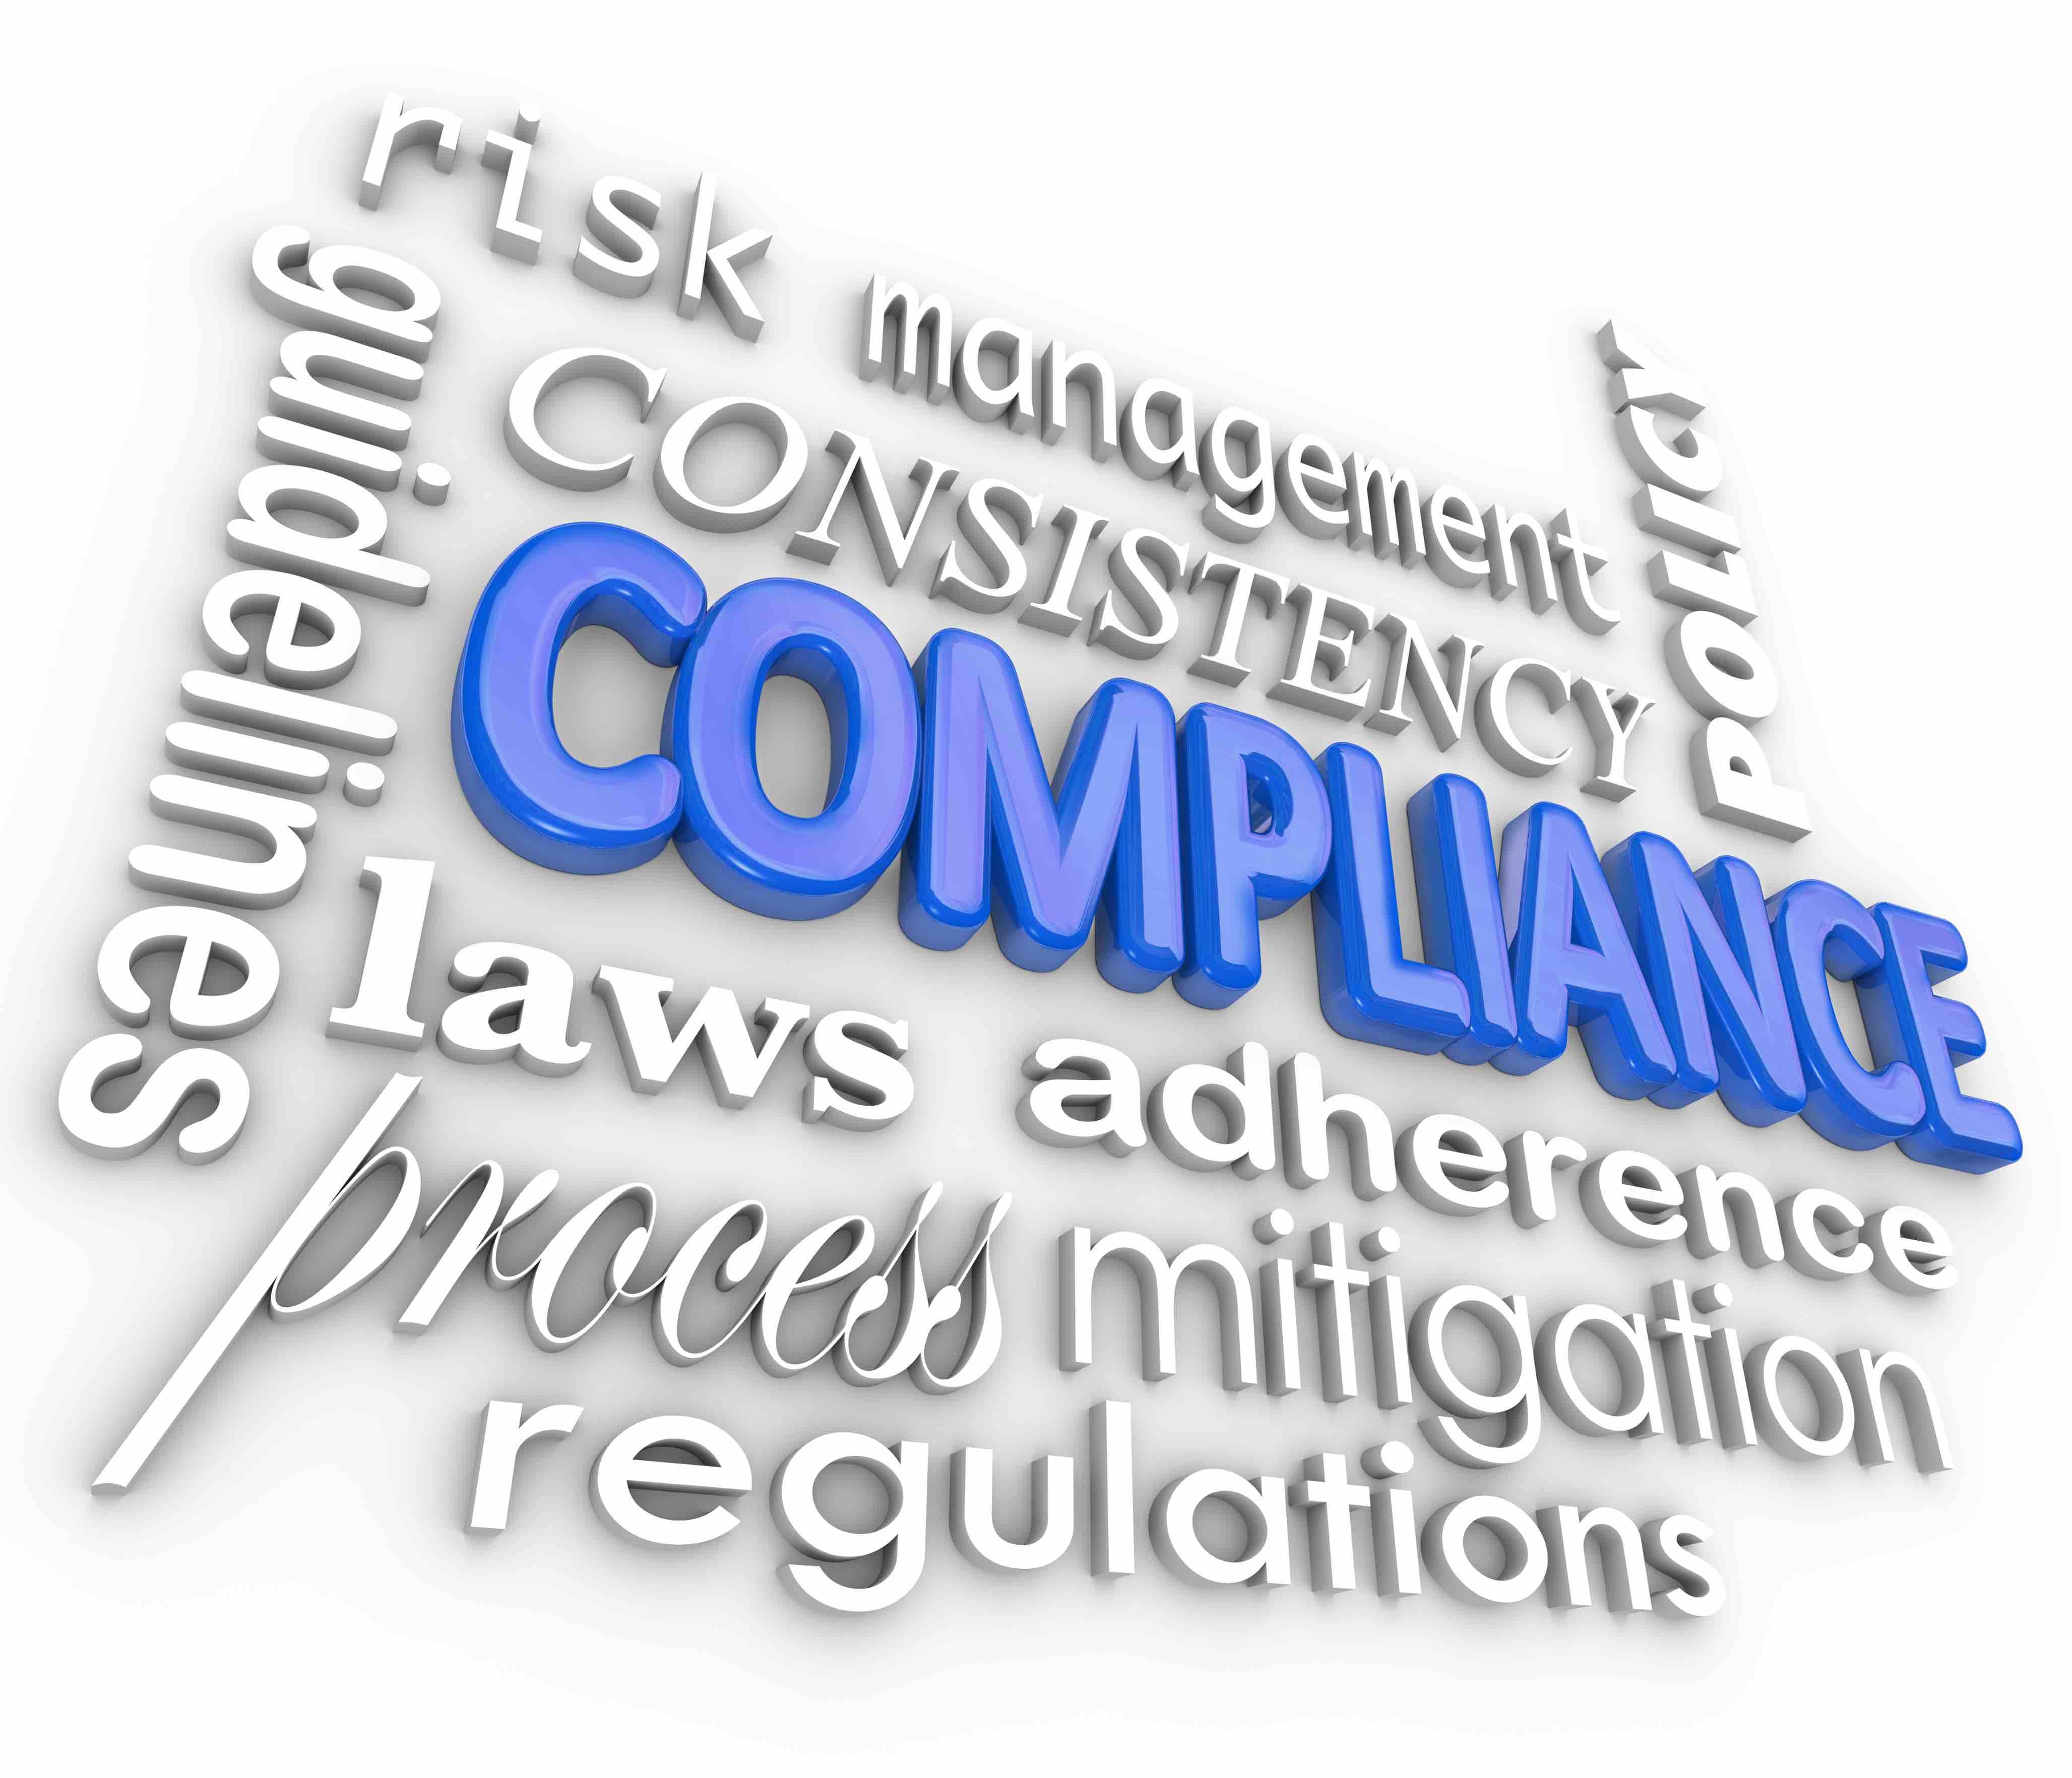 Vorschrift – auch in Singapur benötigt Ihr Unternehmen einen Datenschutzbeauftragten!